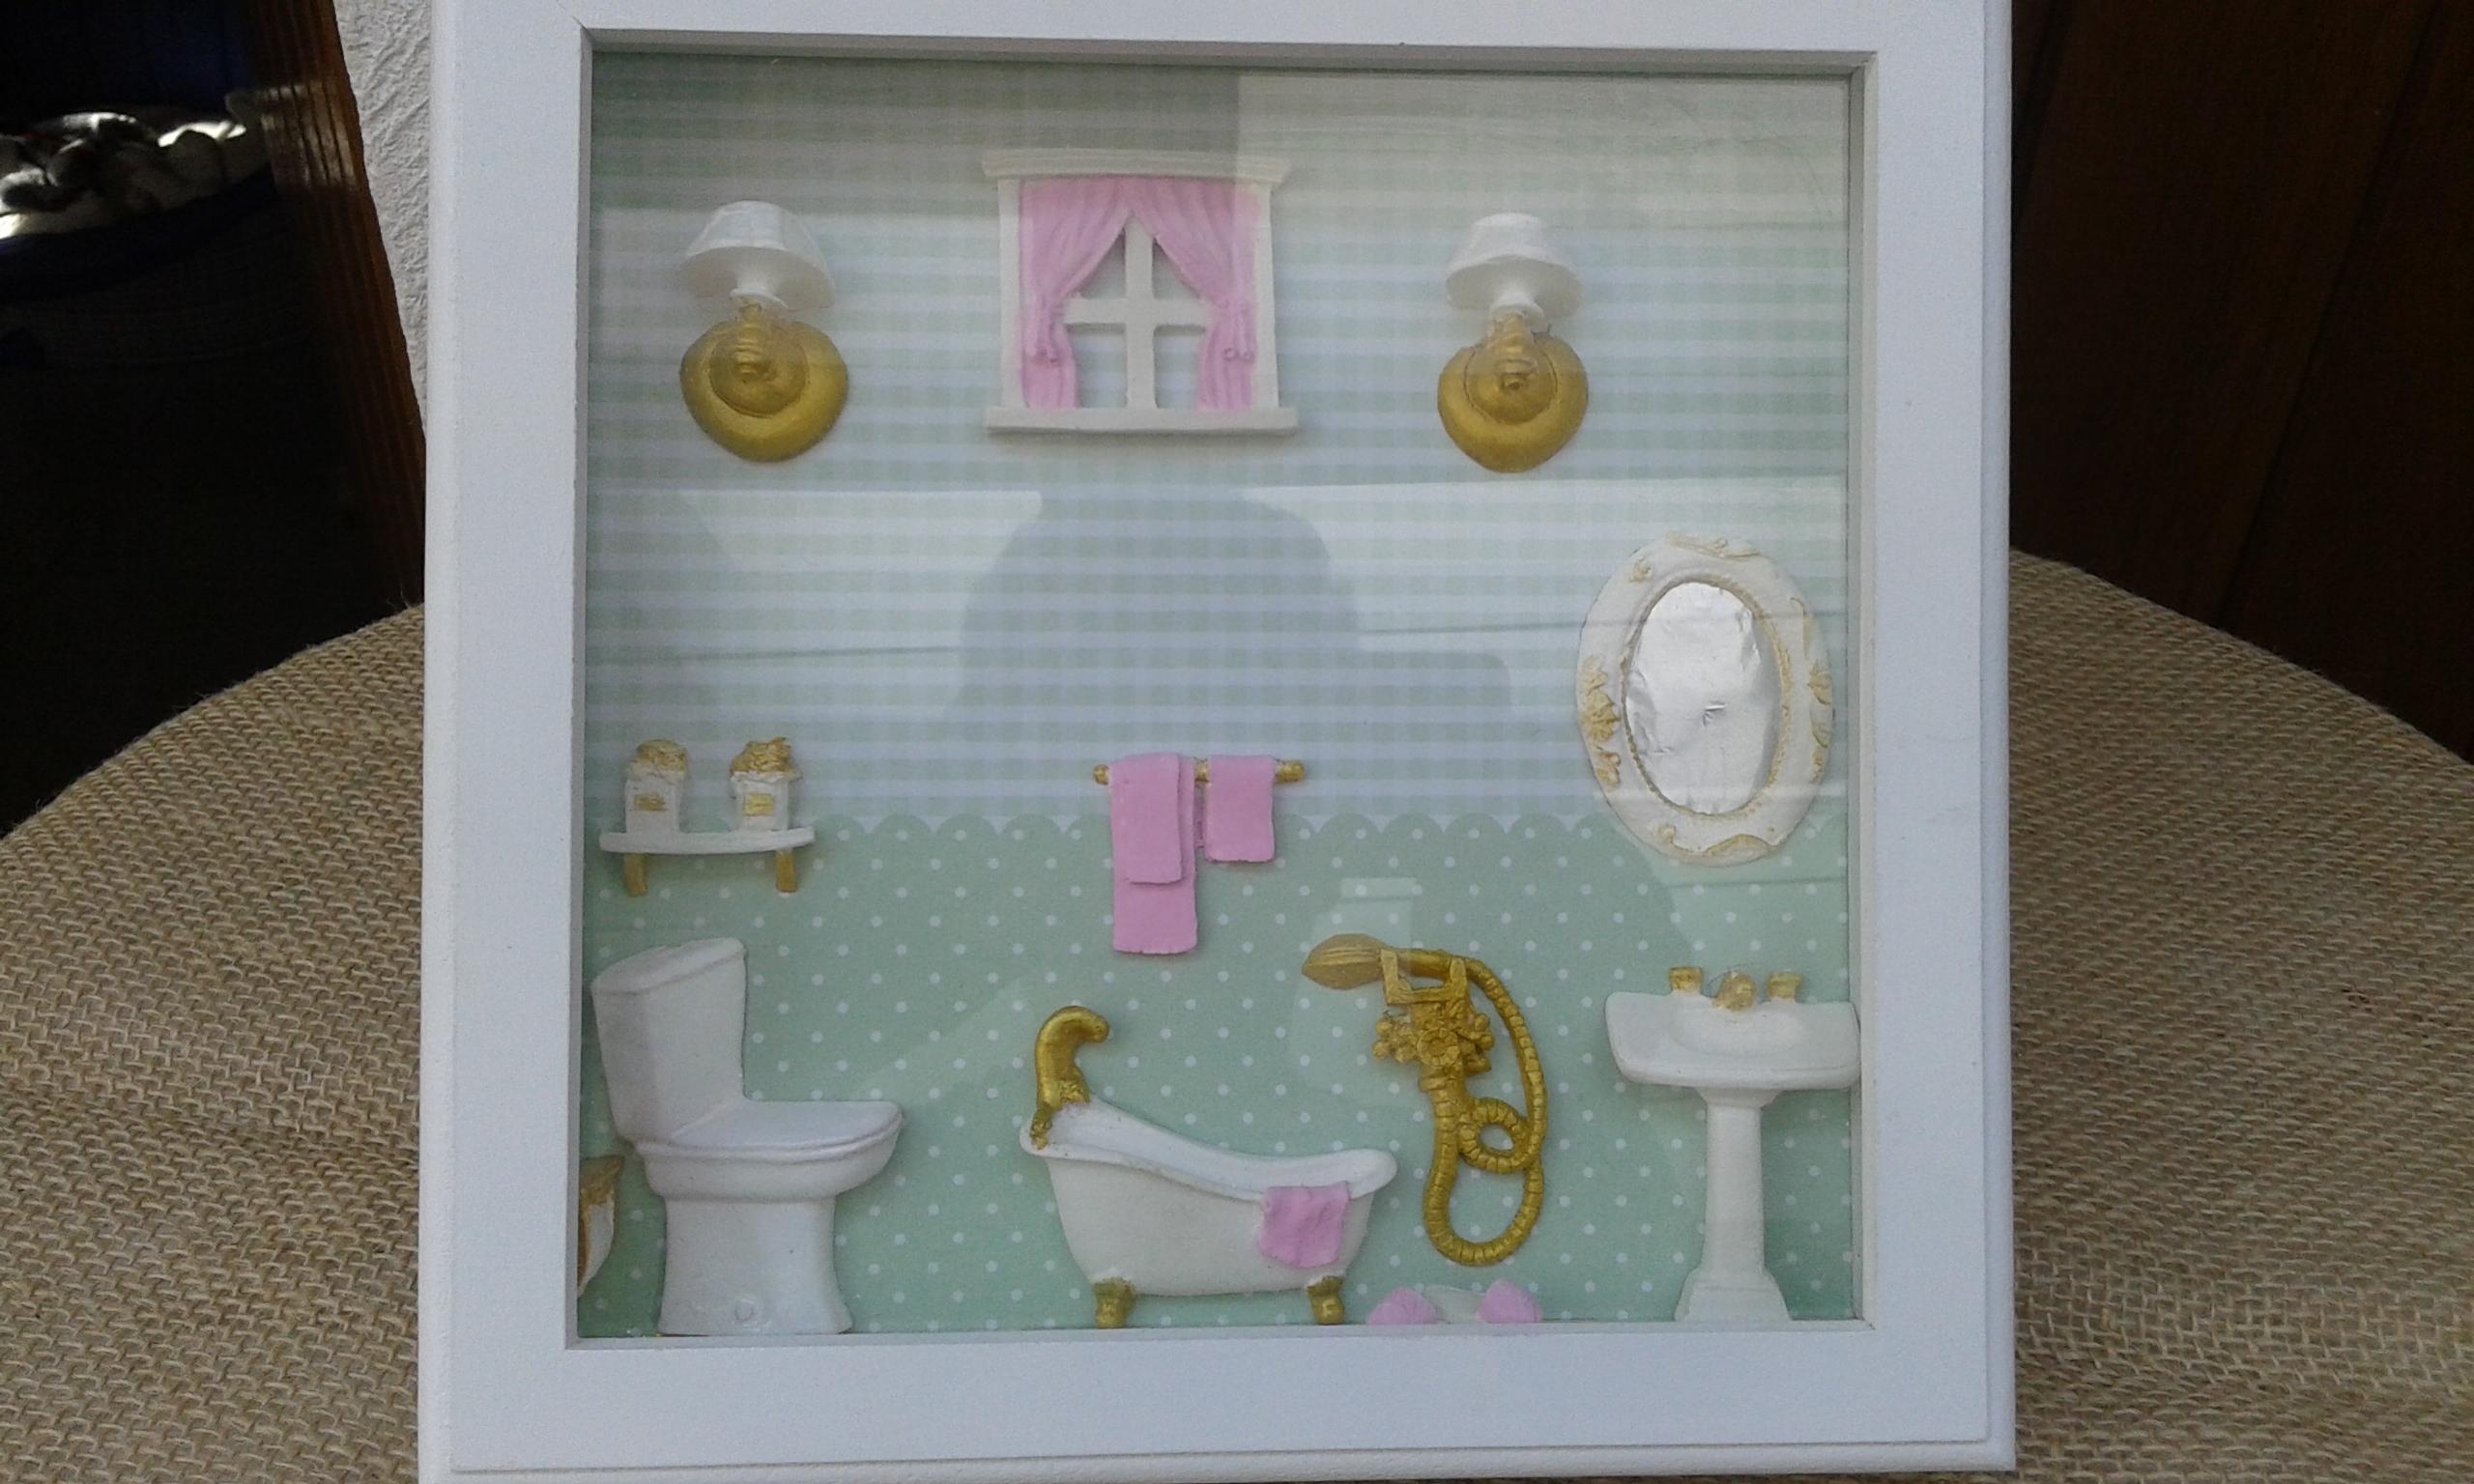 Quadro Decorativo de Banheiro  AC Artesanatos em Madeira  Elo7 # Decoracao De Banheiro Com Quadro